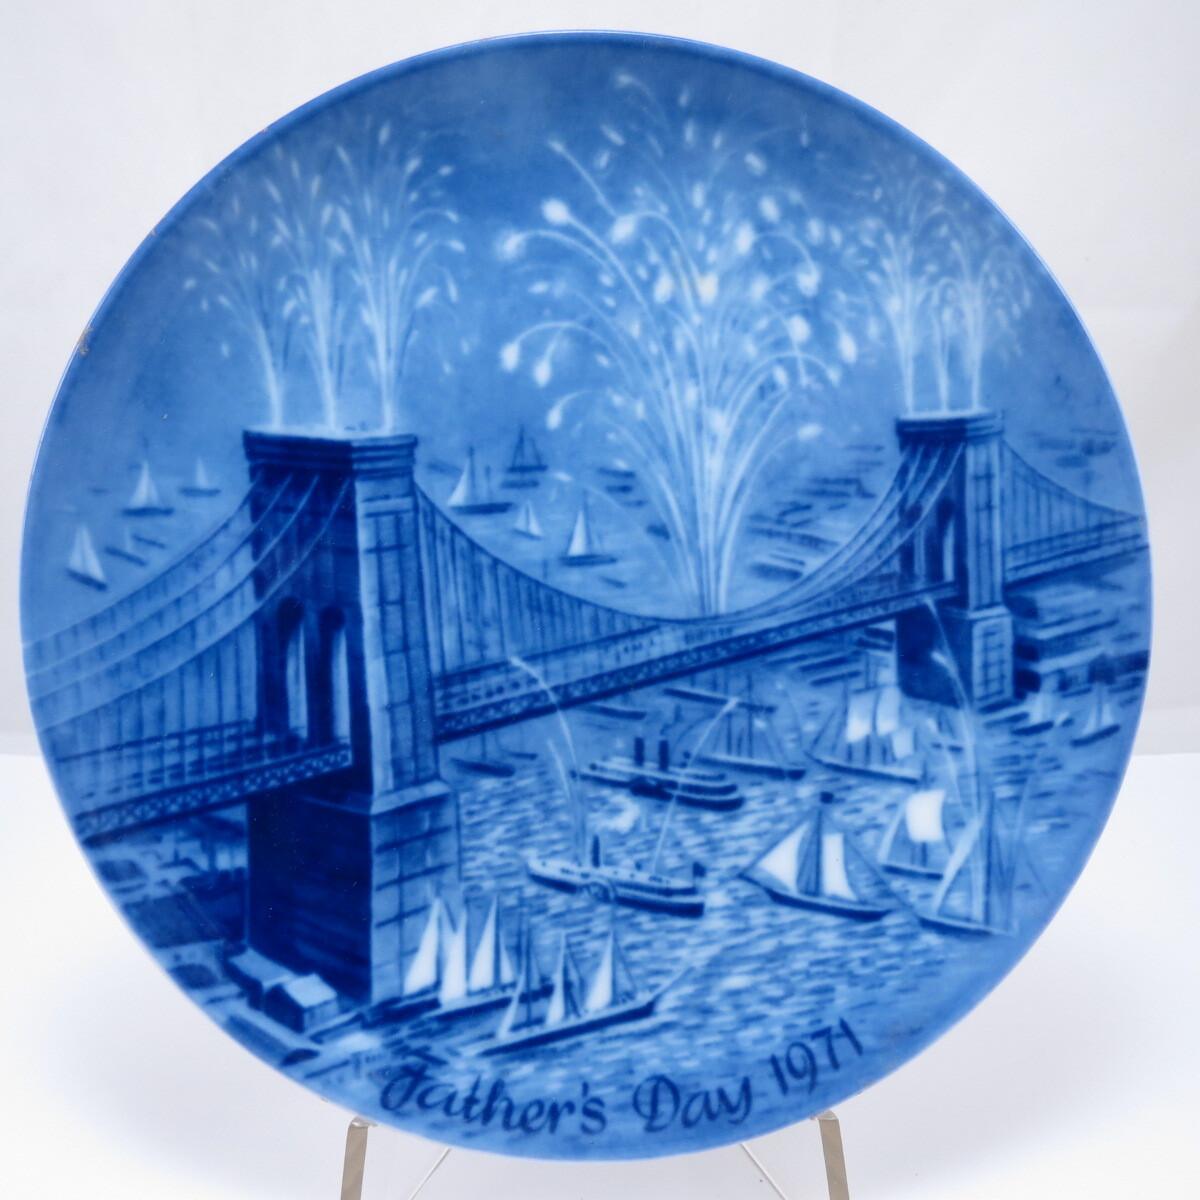 """Декоративная коллекционная тарелка """"День отца 1971: Бруклинский мост"""". Фарфор, деколь. Германия, Berlin Design. 1971"""